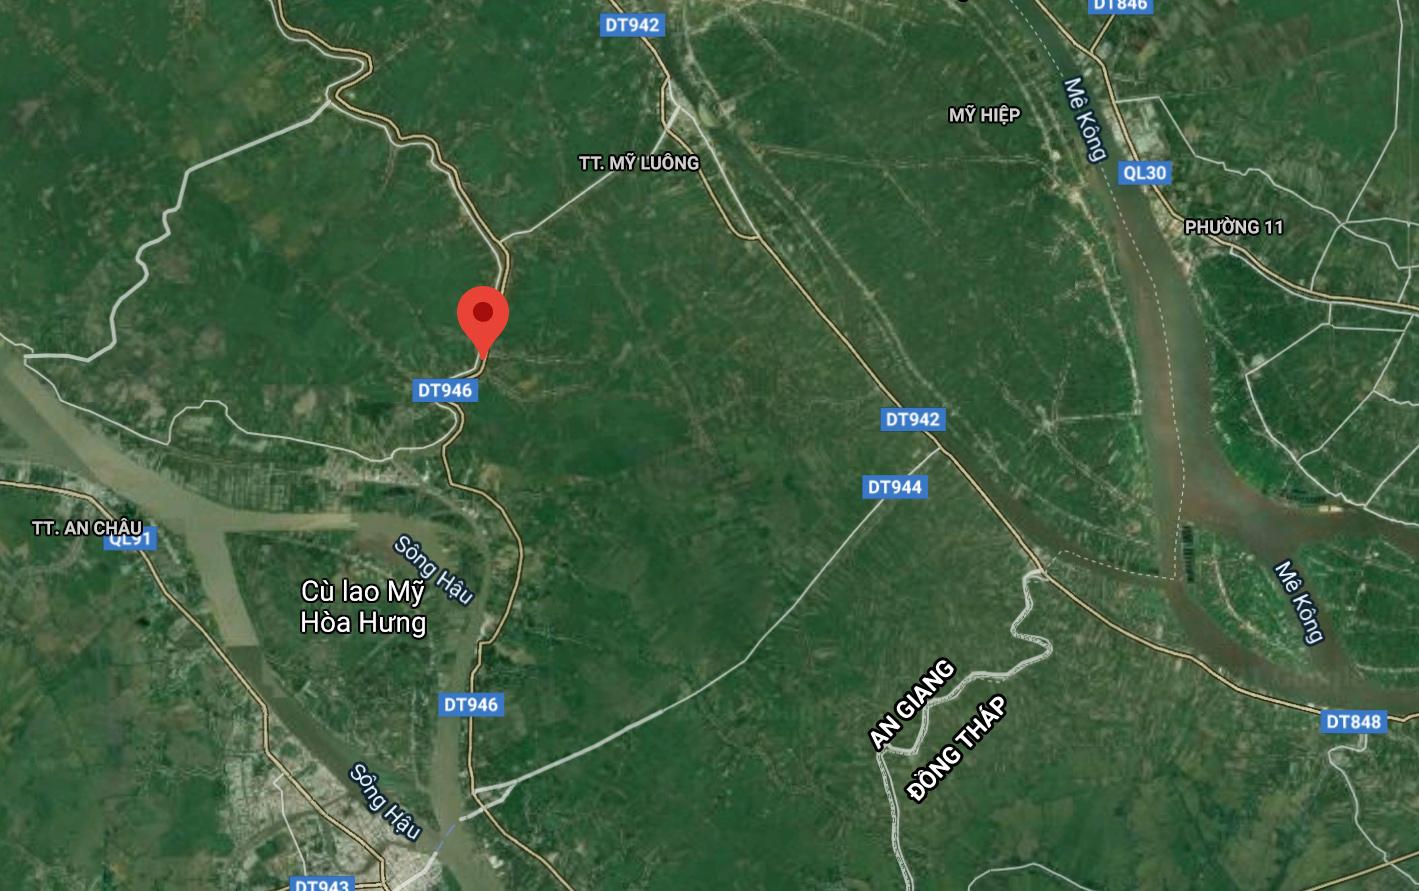 Đoạn sông sạt lở nằm dọc tỉnh lộ 946. Ảnh: Google maps